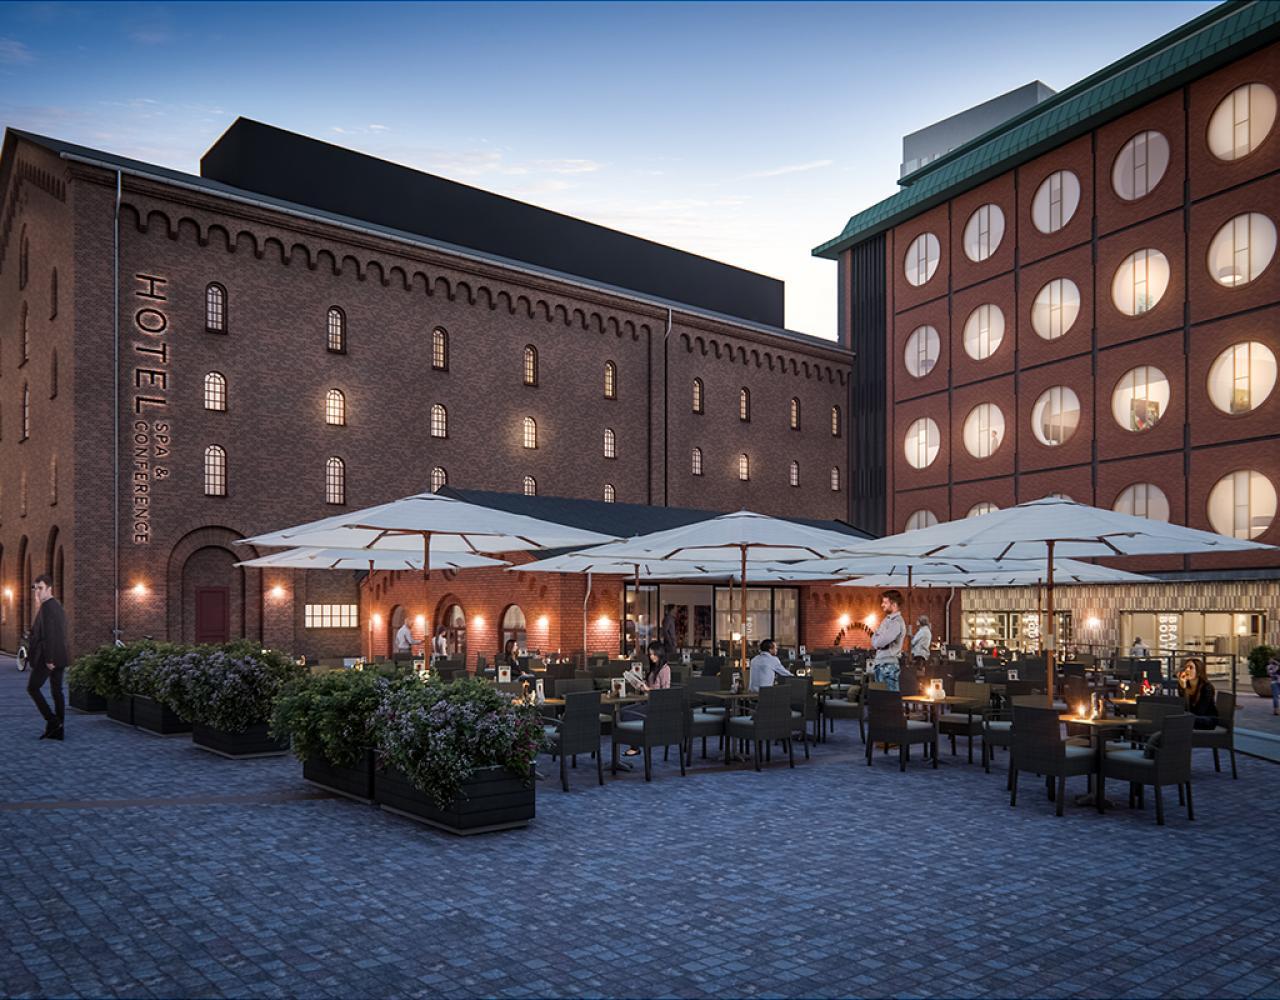 carlsberg byen hotel ottilia